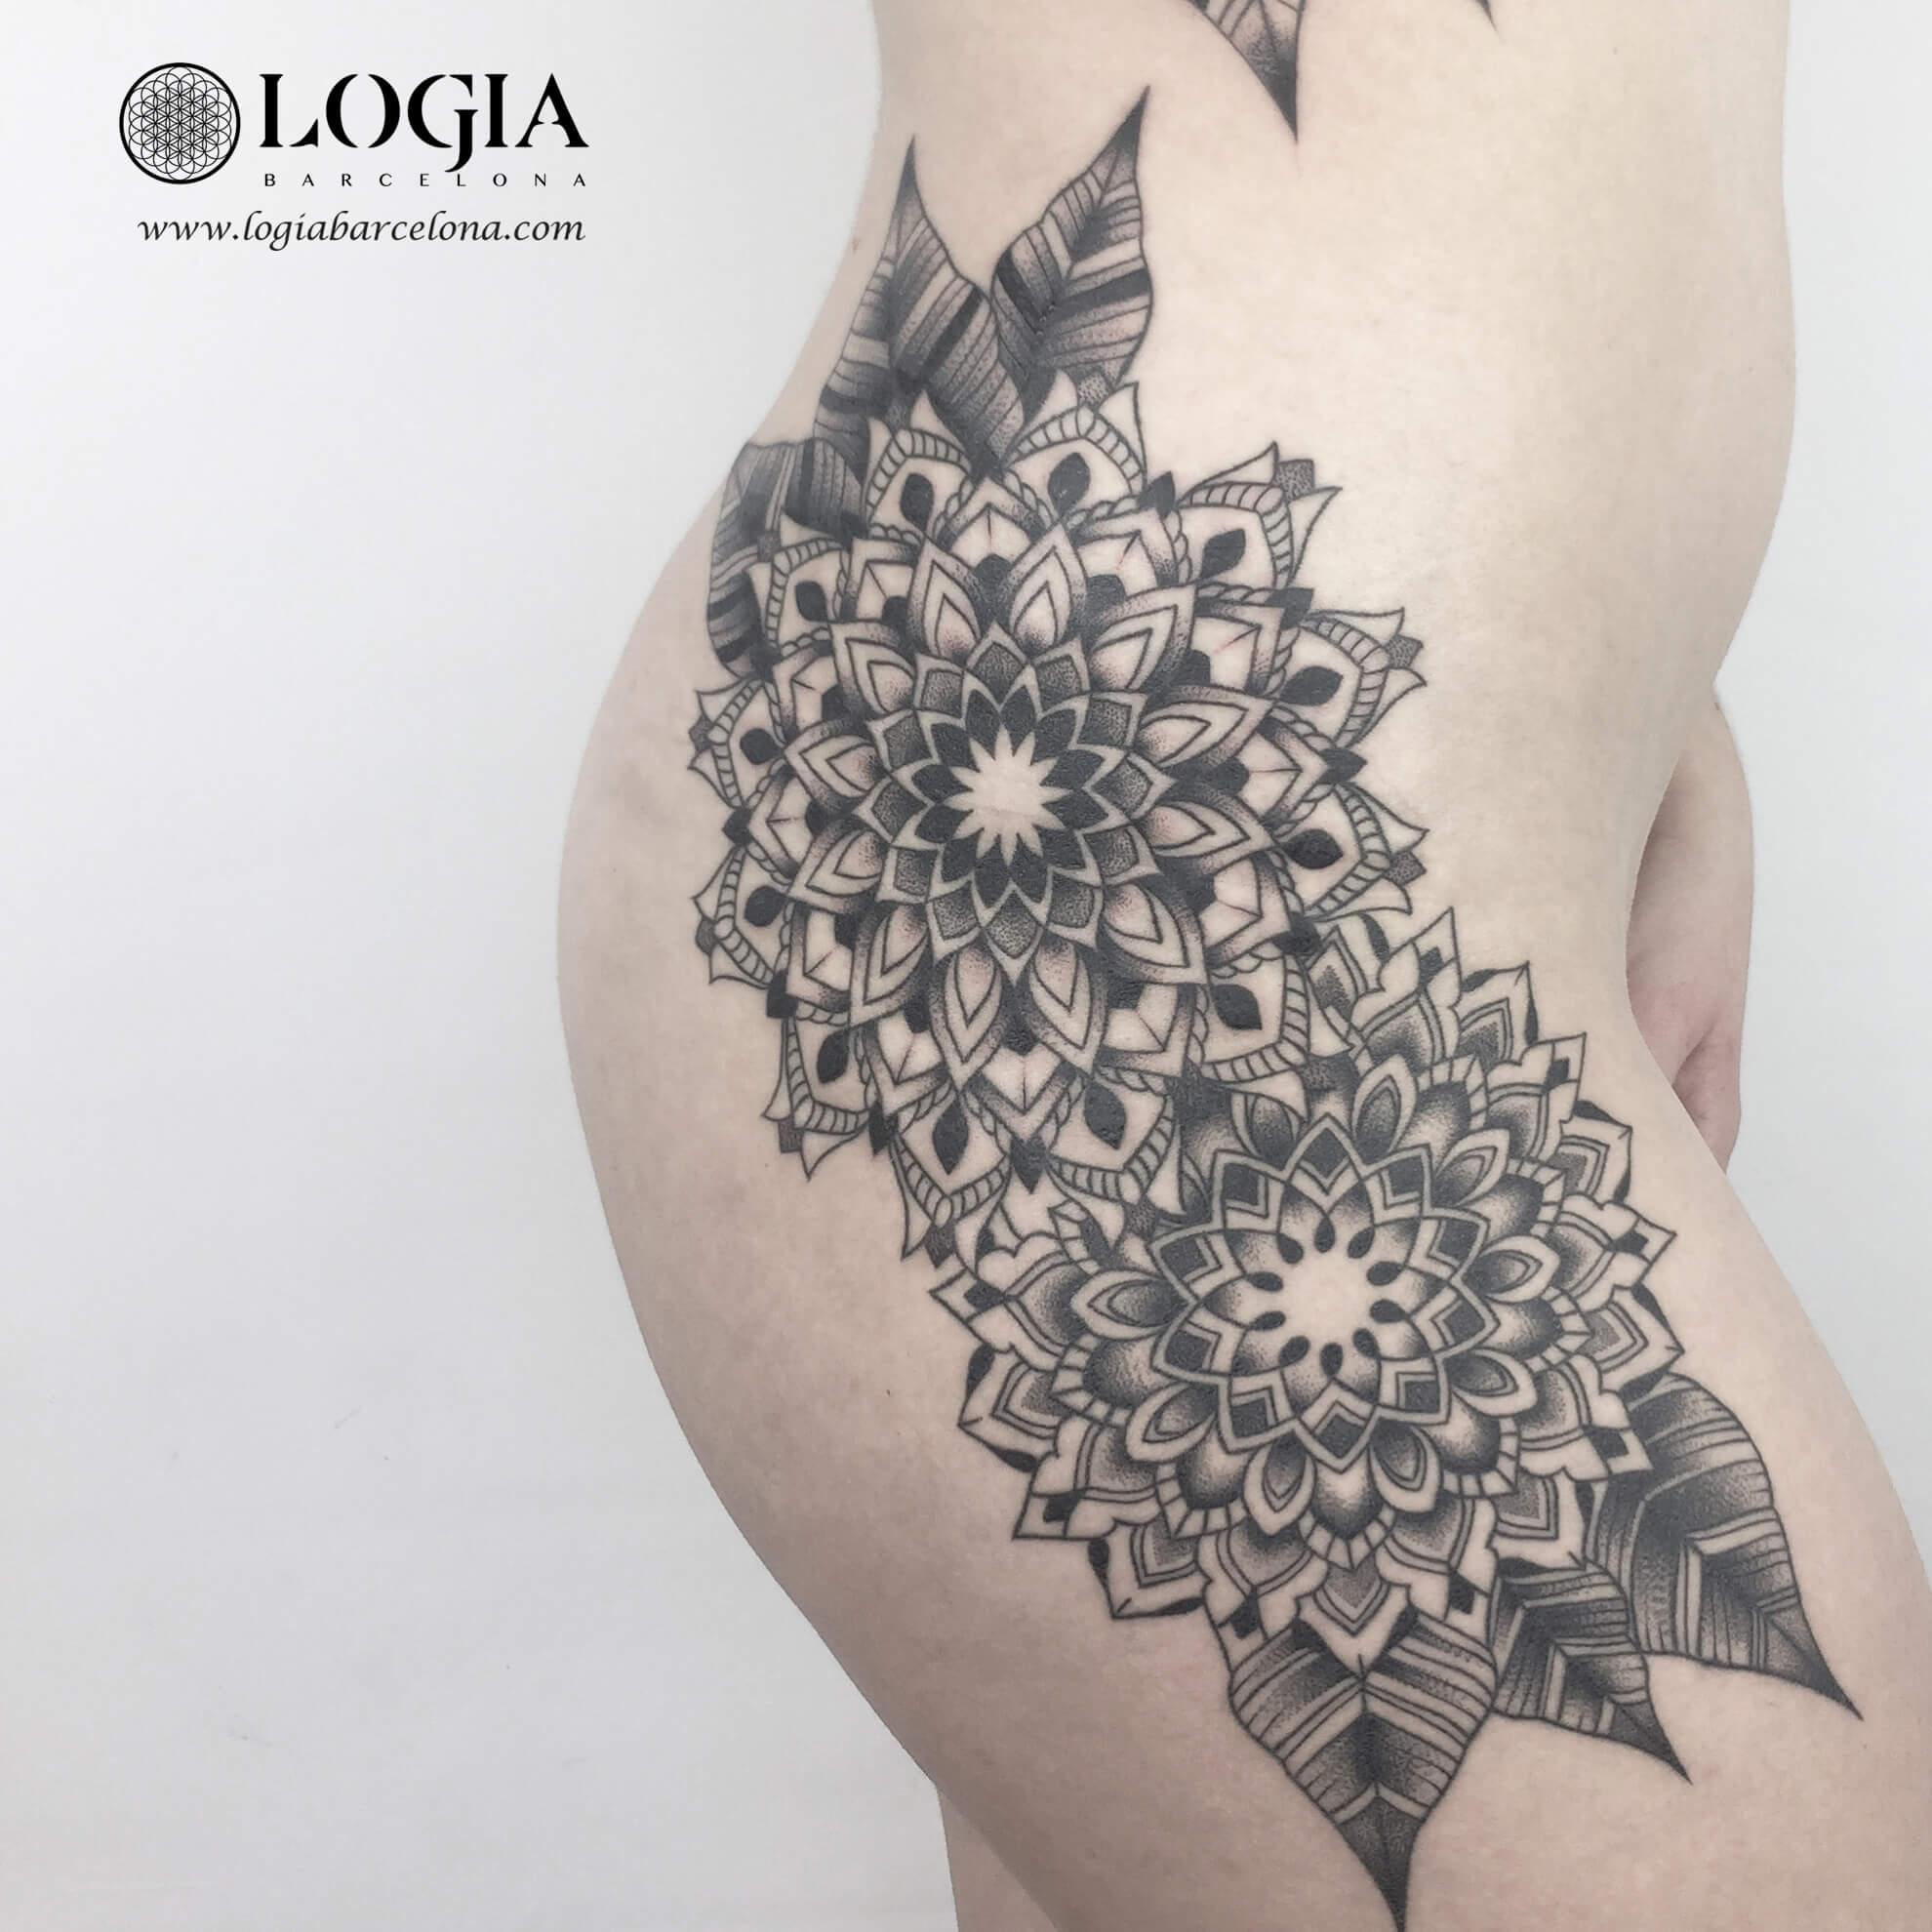 Tatuajes De Cintura A Pierna Inspírate Tatuajes Logia Barcelona